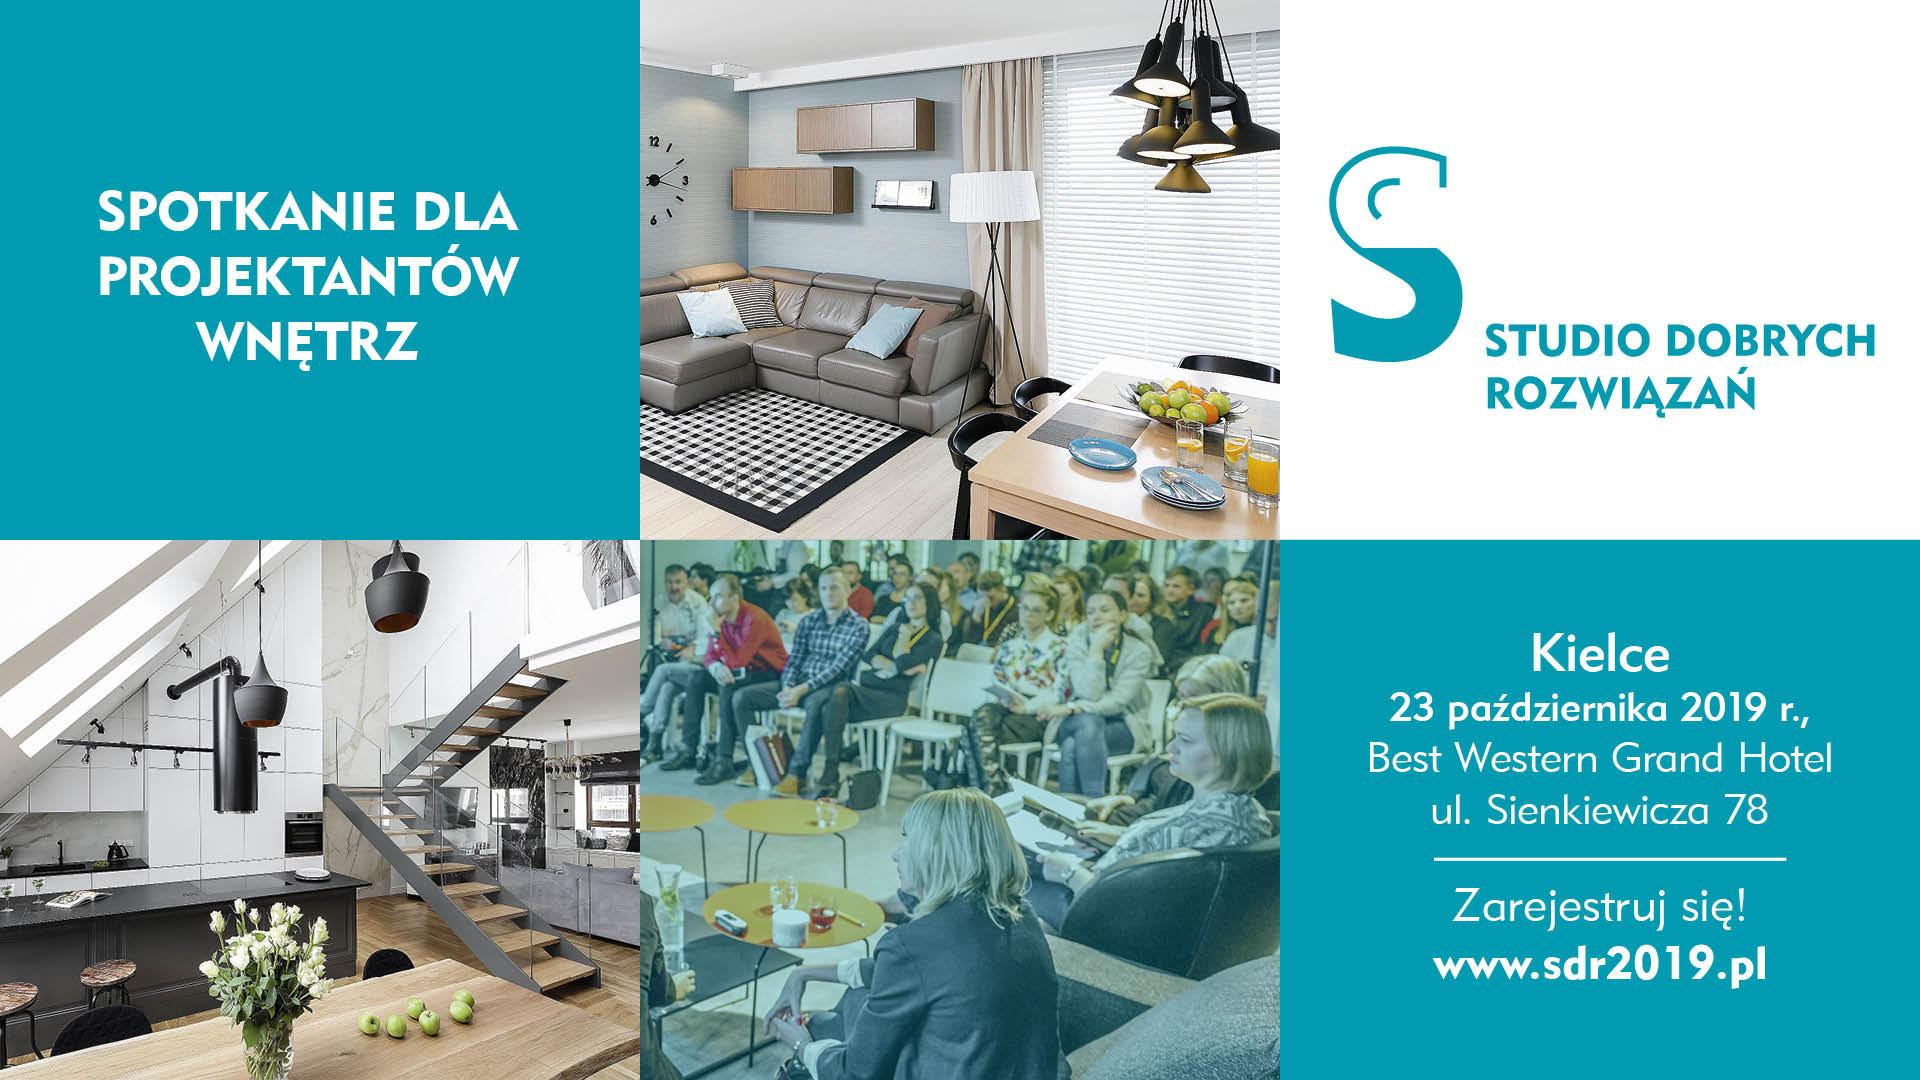 Studio Dobrych Rozwiązań w Kielcach - 23 października 2019 roku.